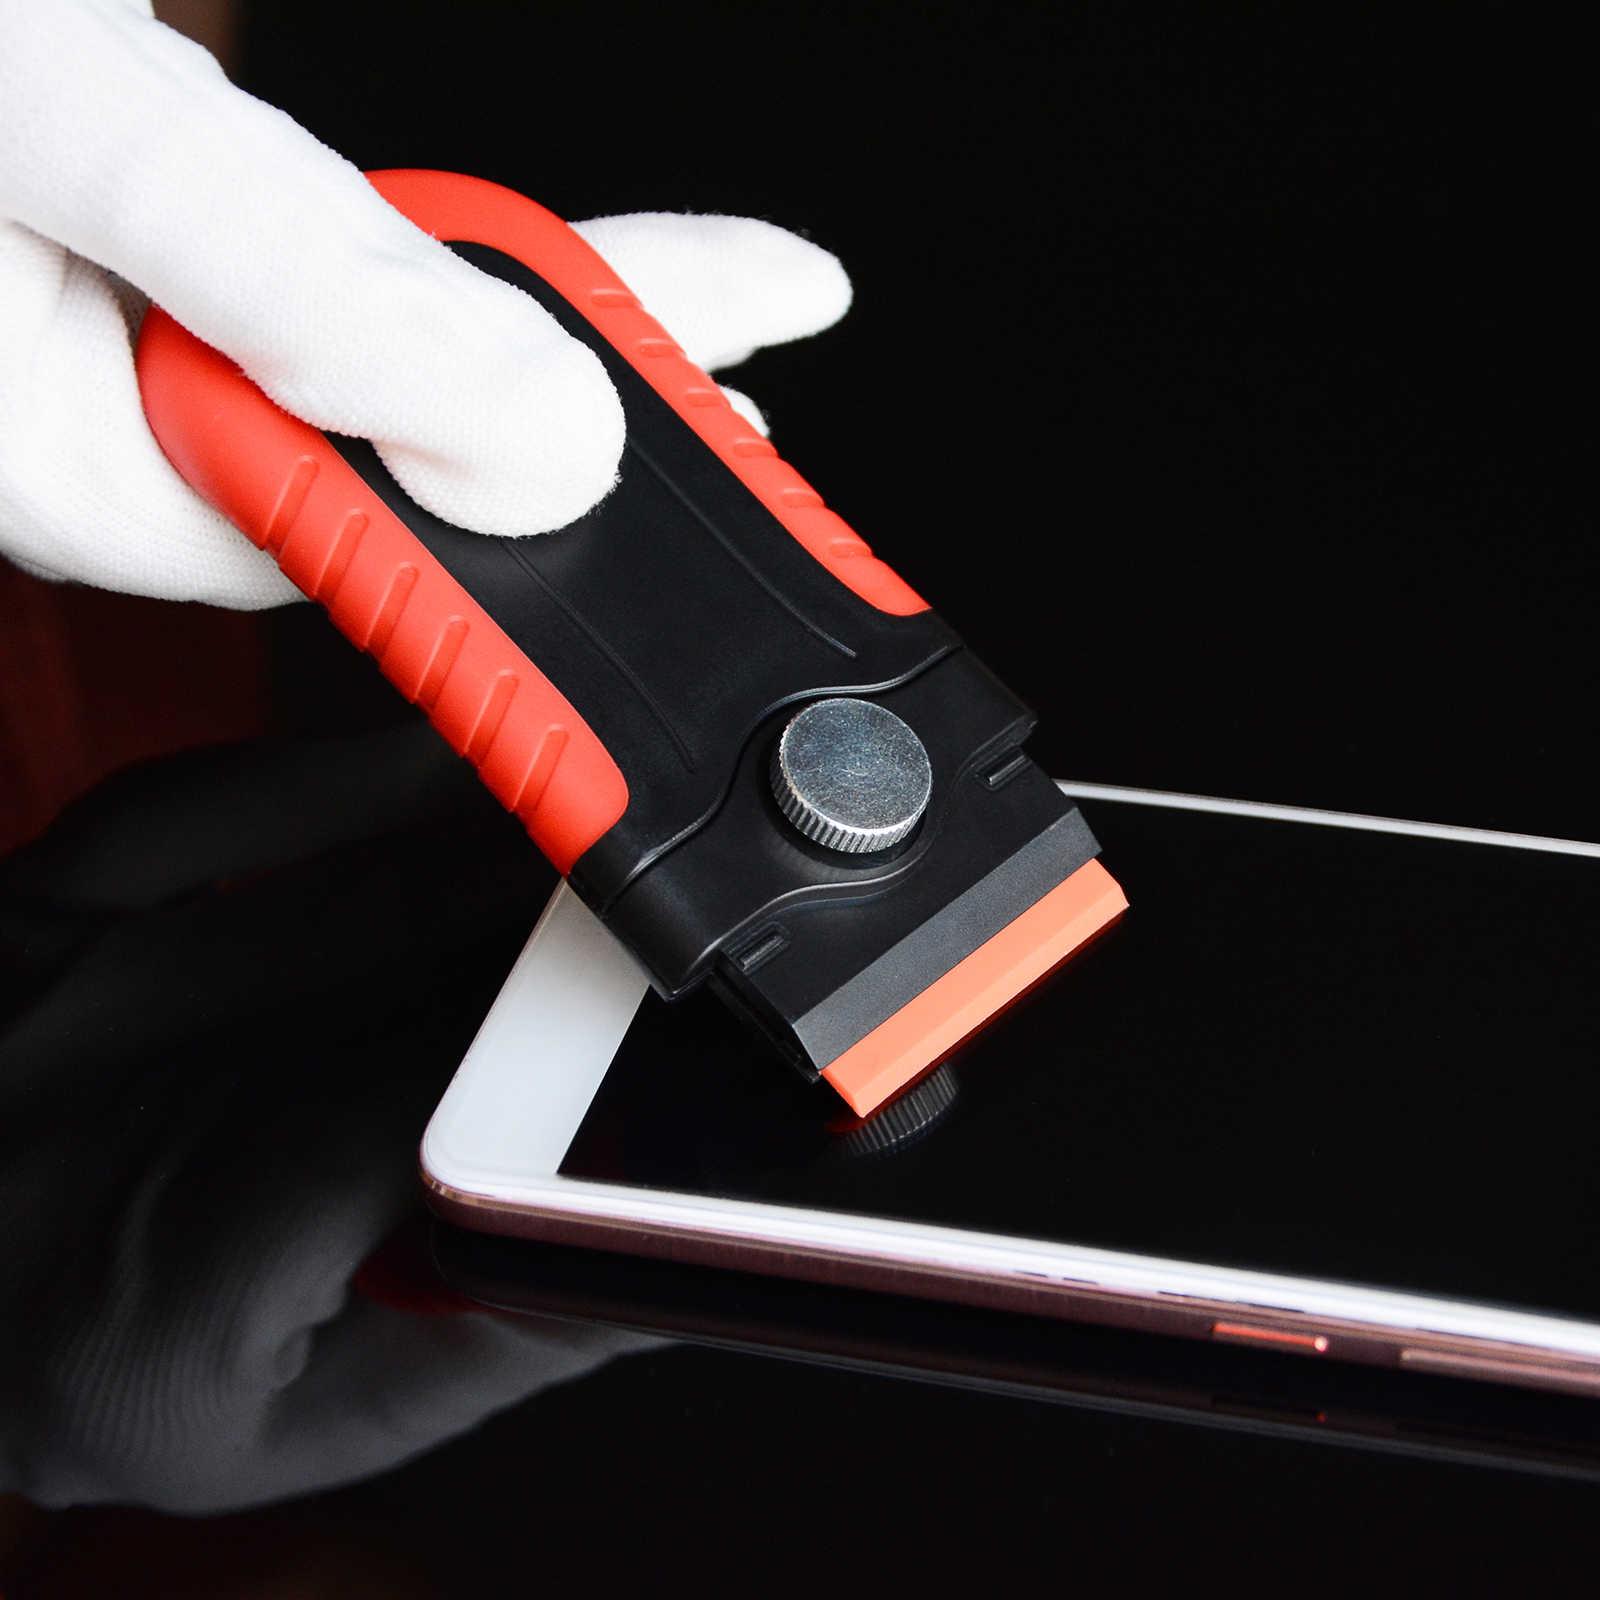 EHDIS виниловая пленка, скребок для бритвы + 100 шт. пластиковые лопасти, автомобильный стикер для удаления углеродистой пленки, автоматическая упаковка, Ракель, инструмент для очистки